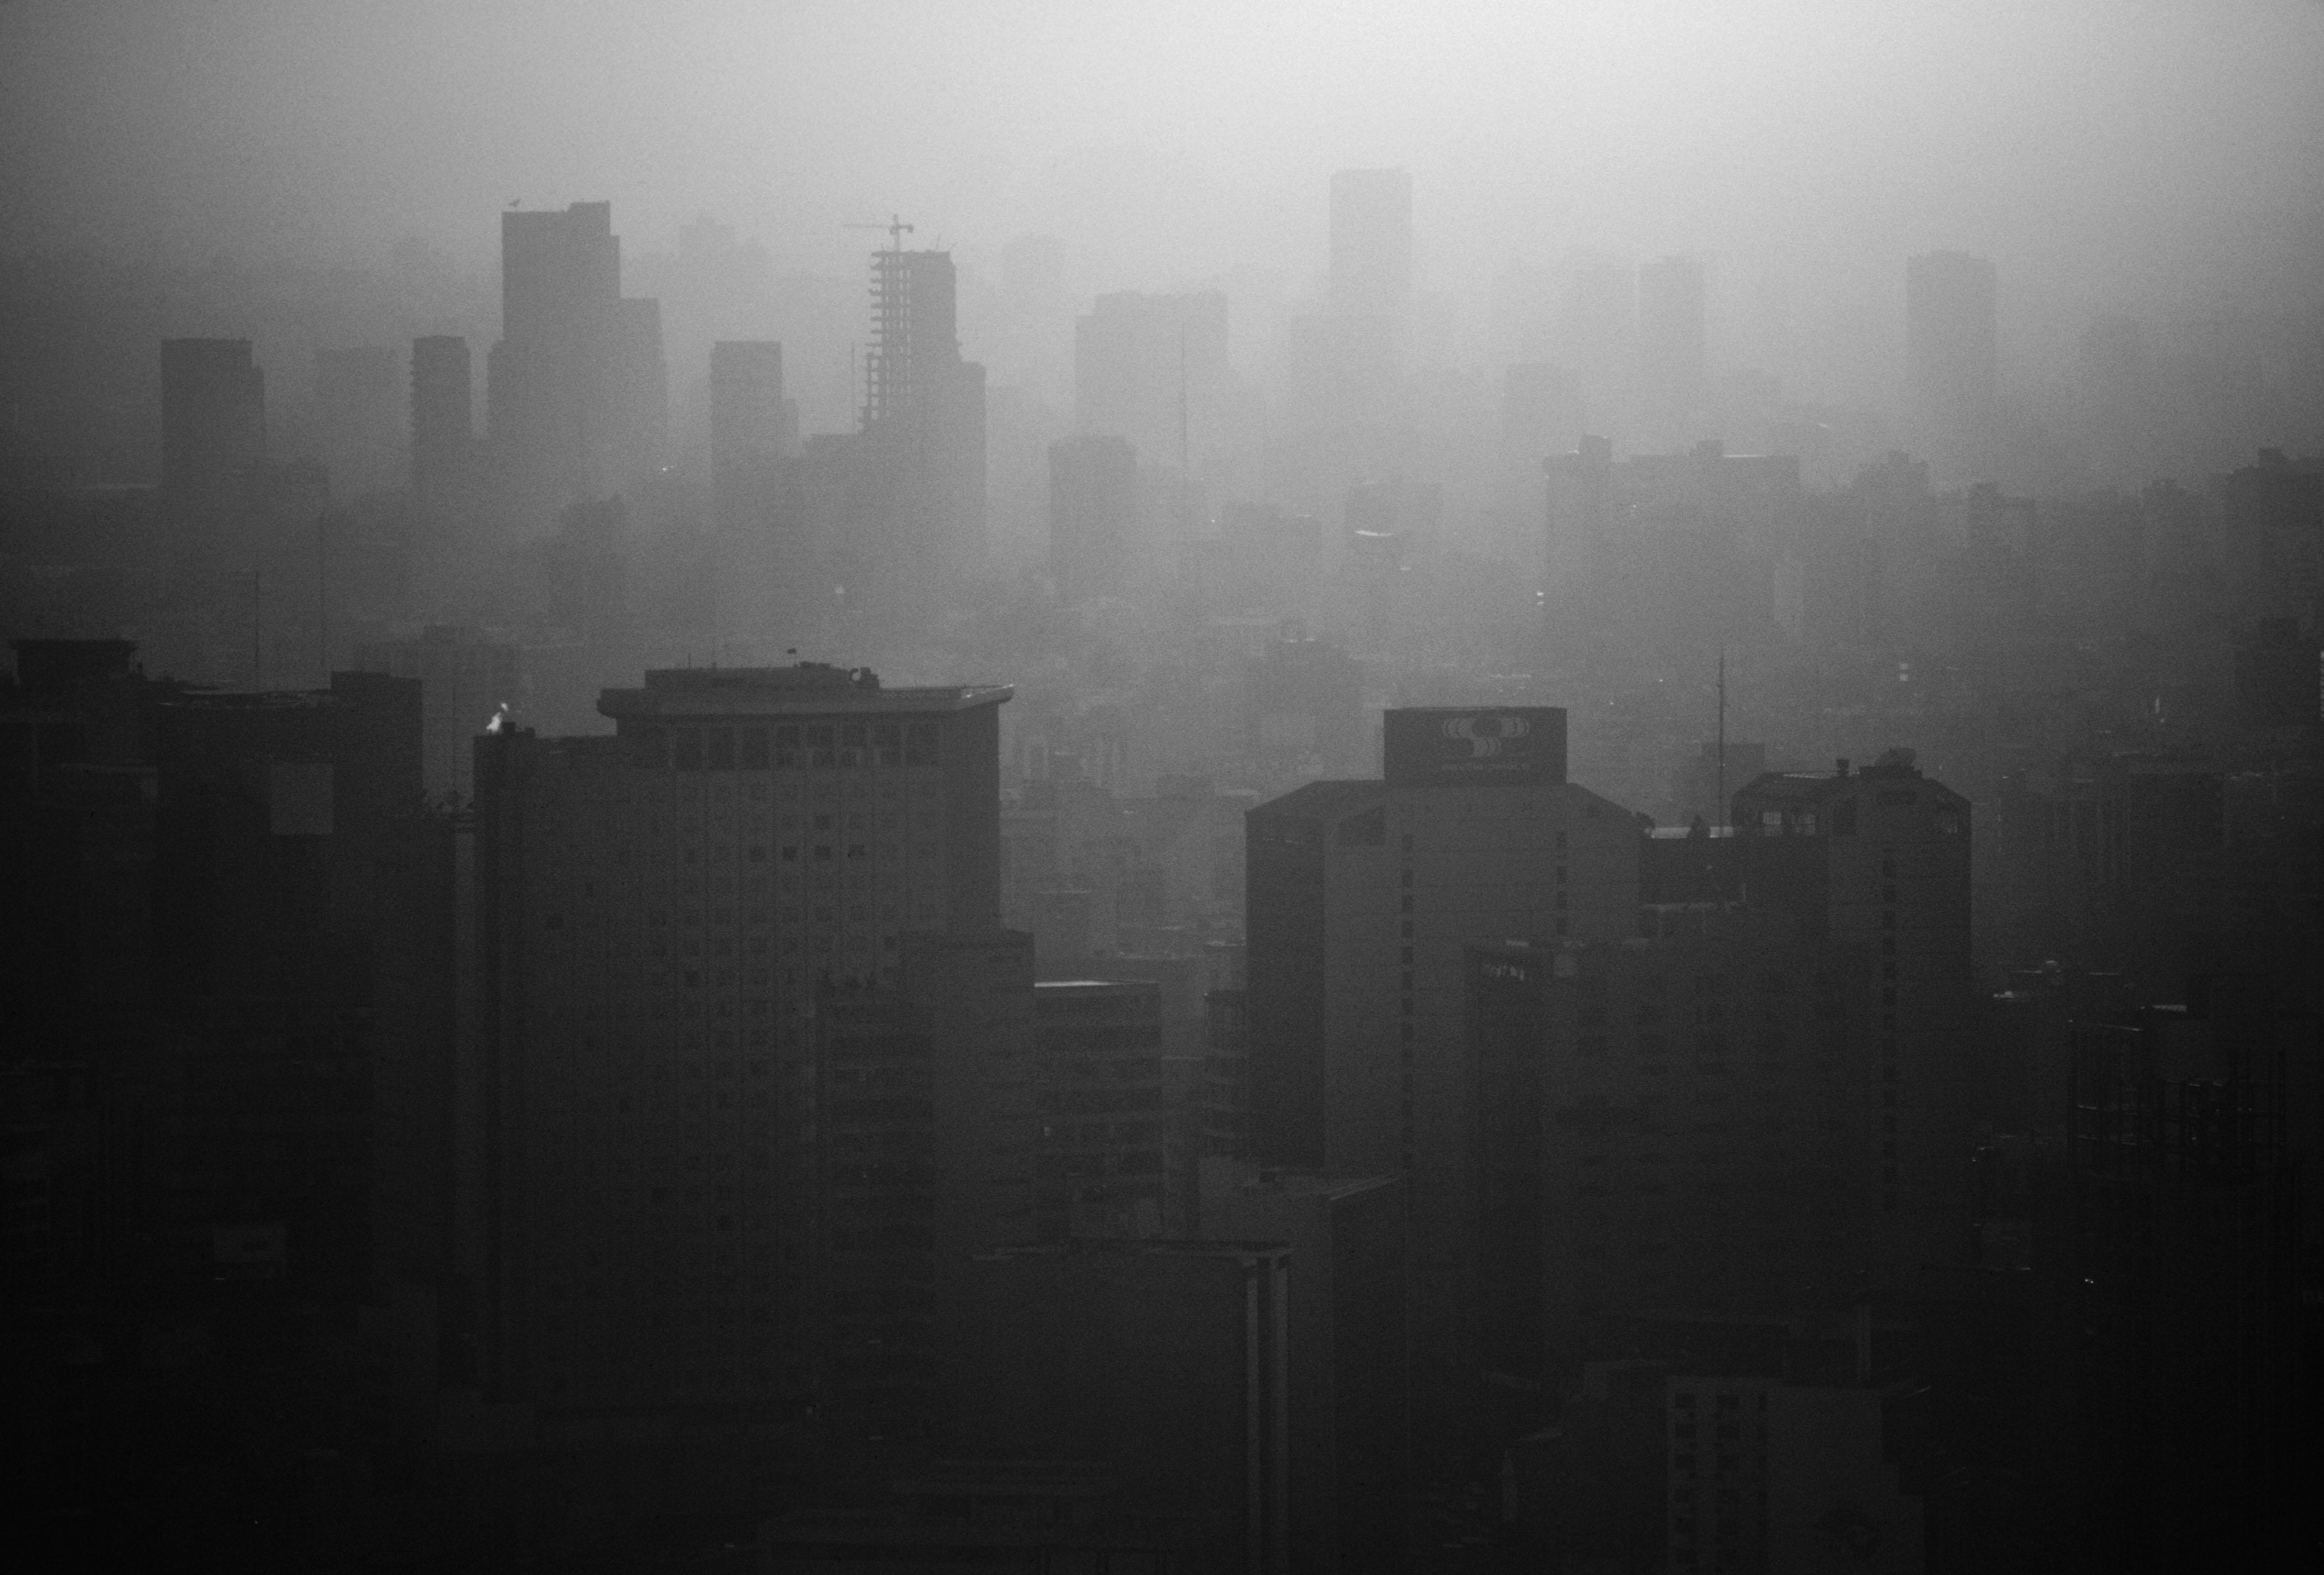 Polskie społeczeństwo nieustannie dusi się smogiem